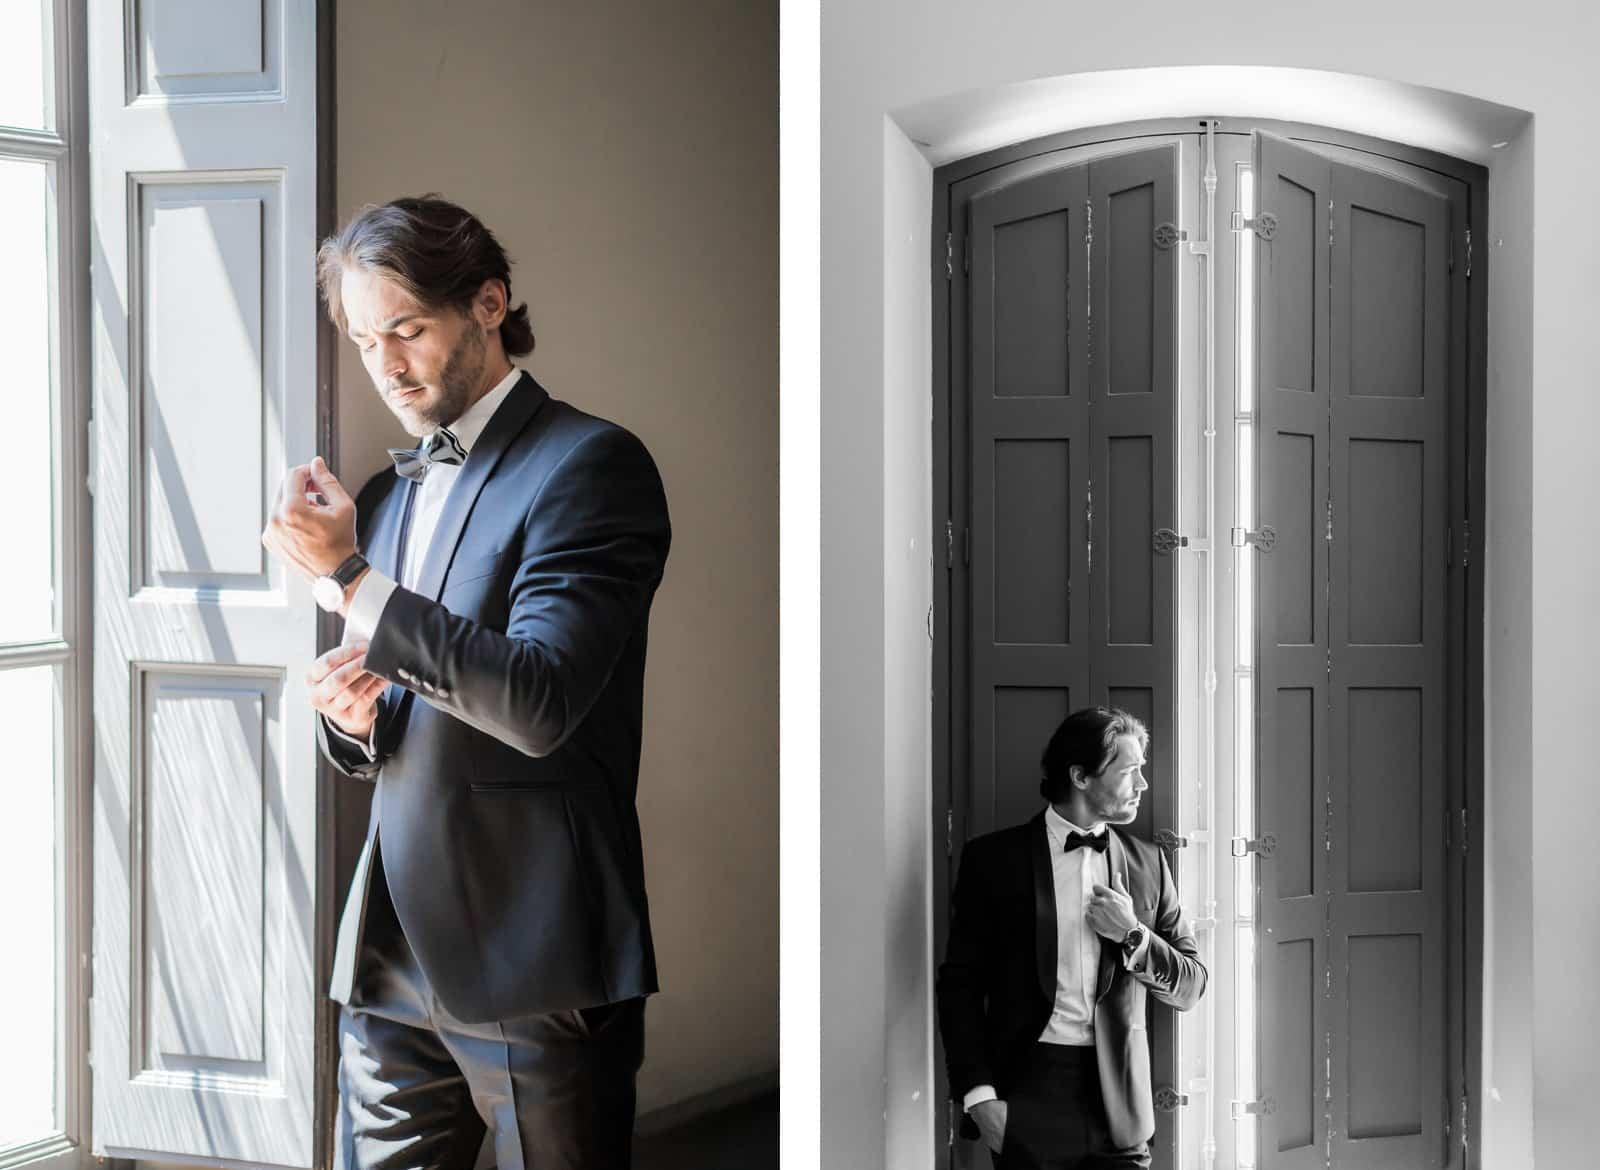 Photographie de Mathieu Dété présentant un portrait du marié dans la Villa Brignac